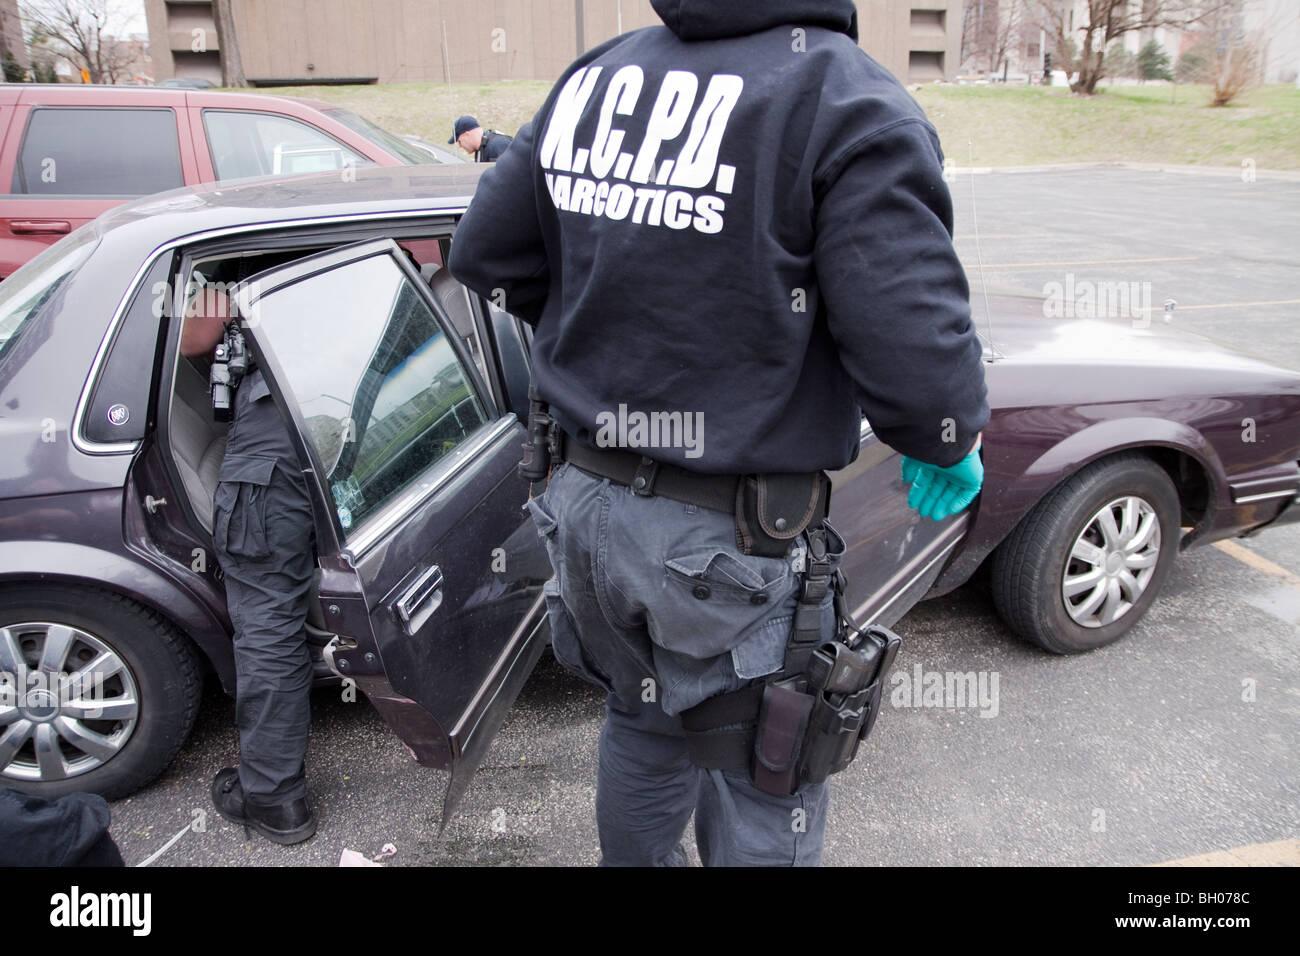 Gli ufficiali di polizia ricerca veicolo del farmaco sospetto concessionario dopo arresto del conducente. Immagini Stock